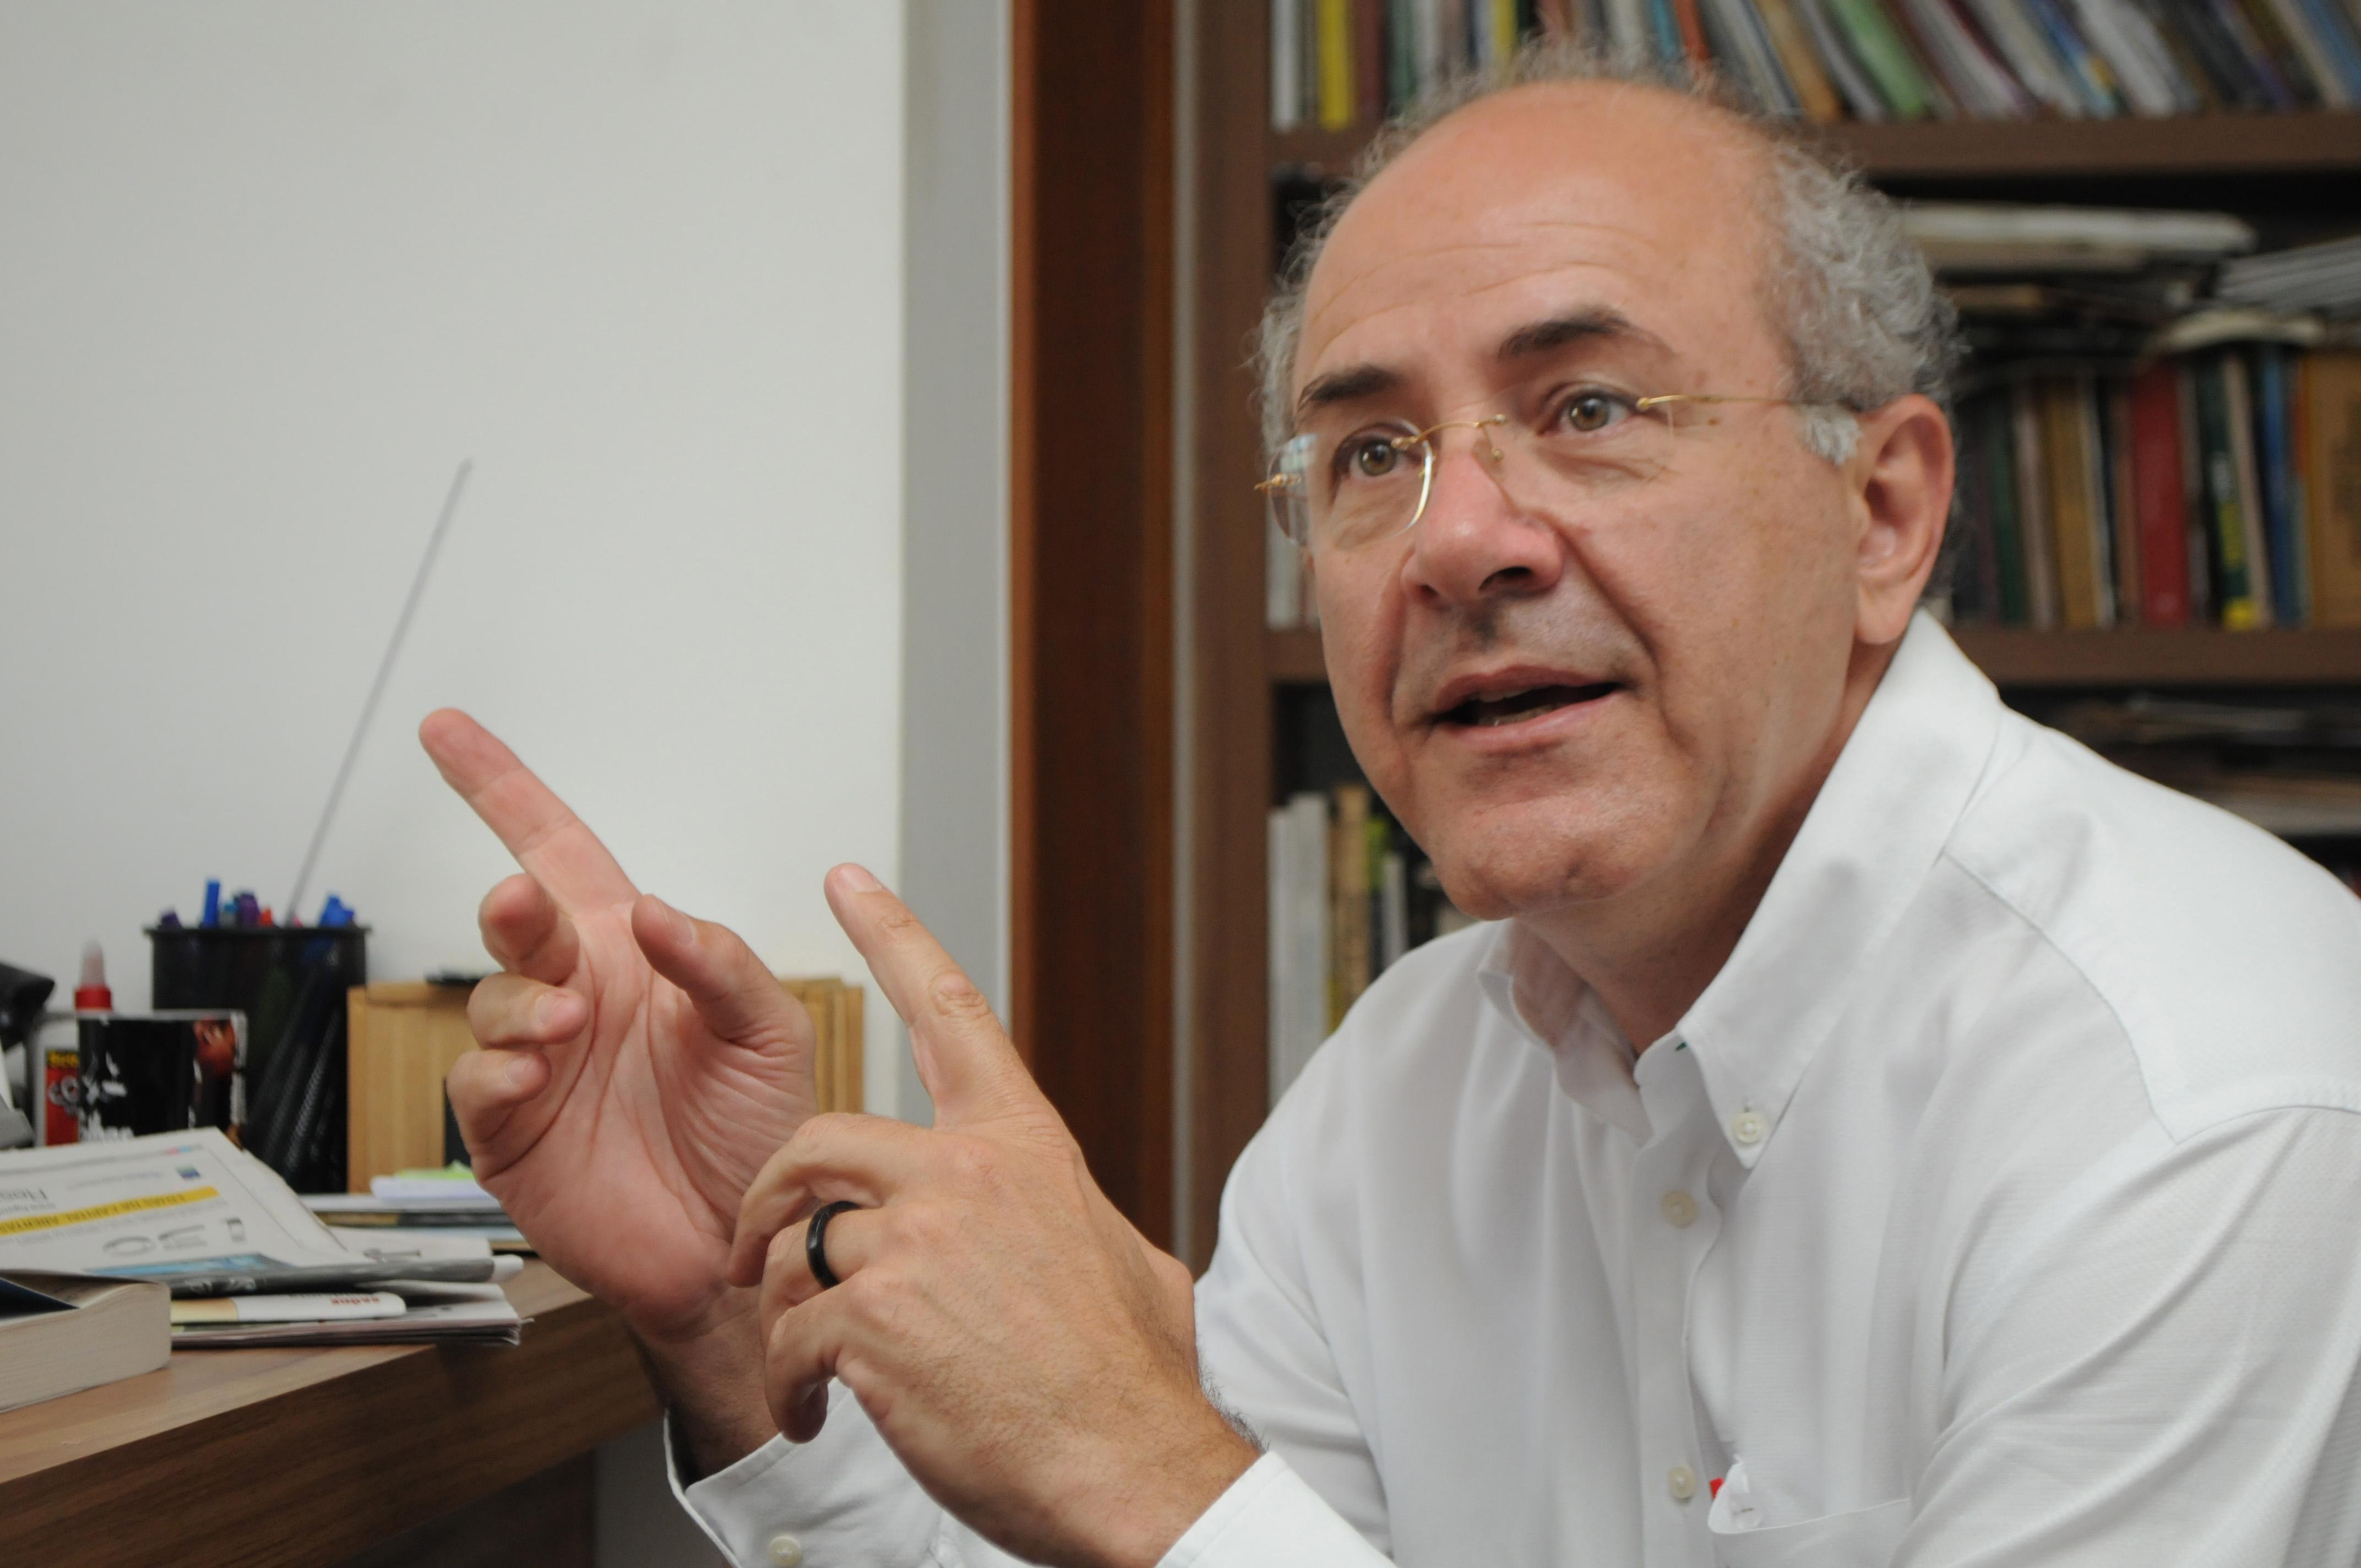 Presidente de sindicato registra queixa contra deputado Mauro Rubem por suposta agressão